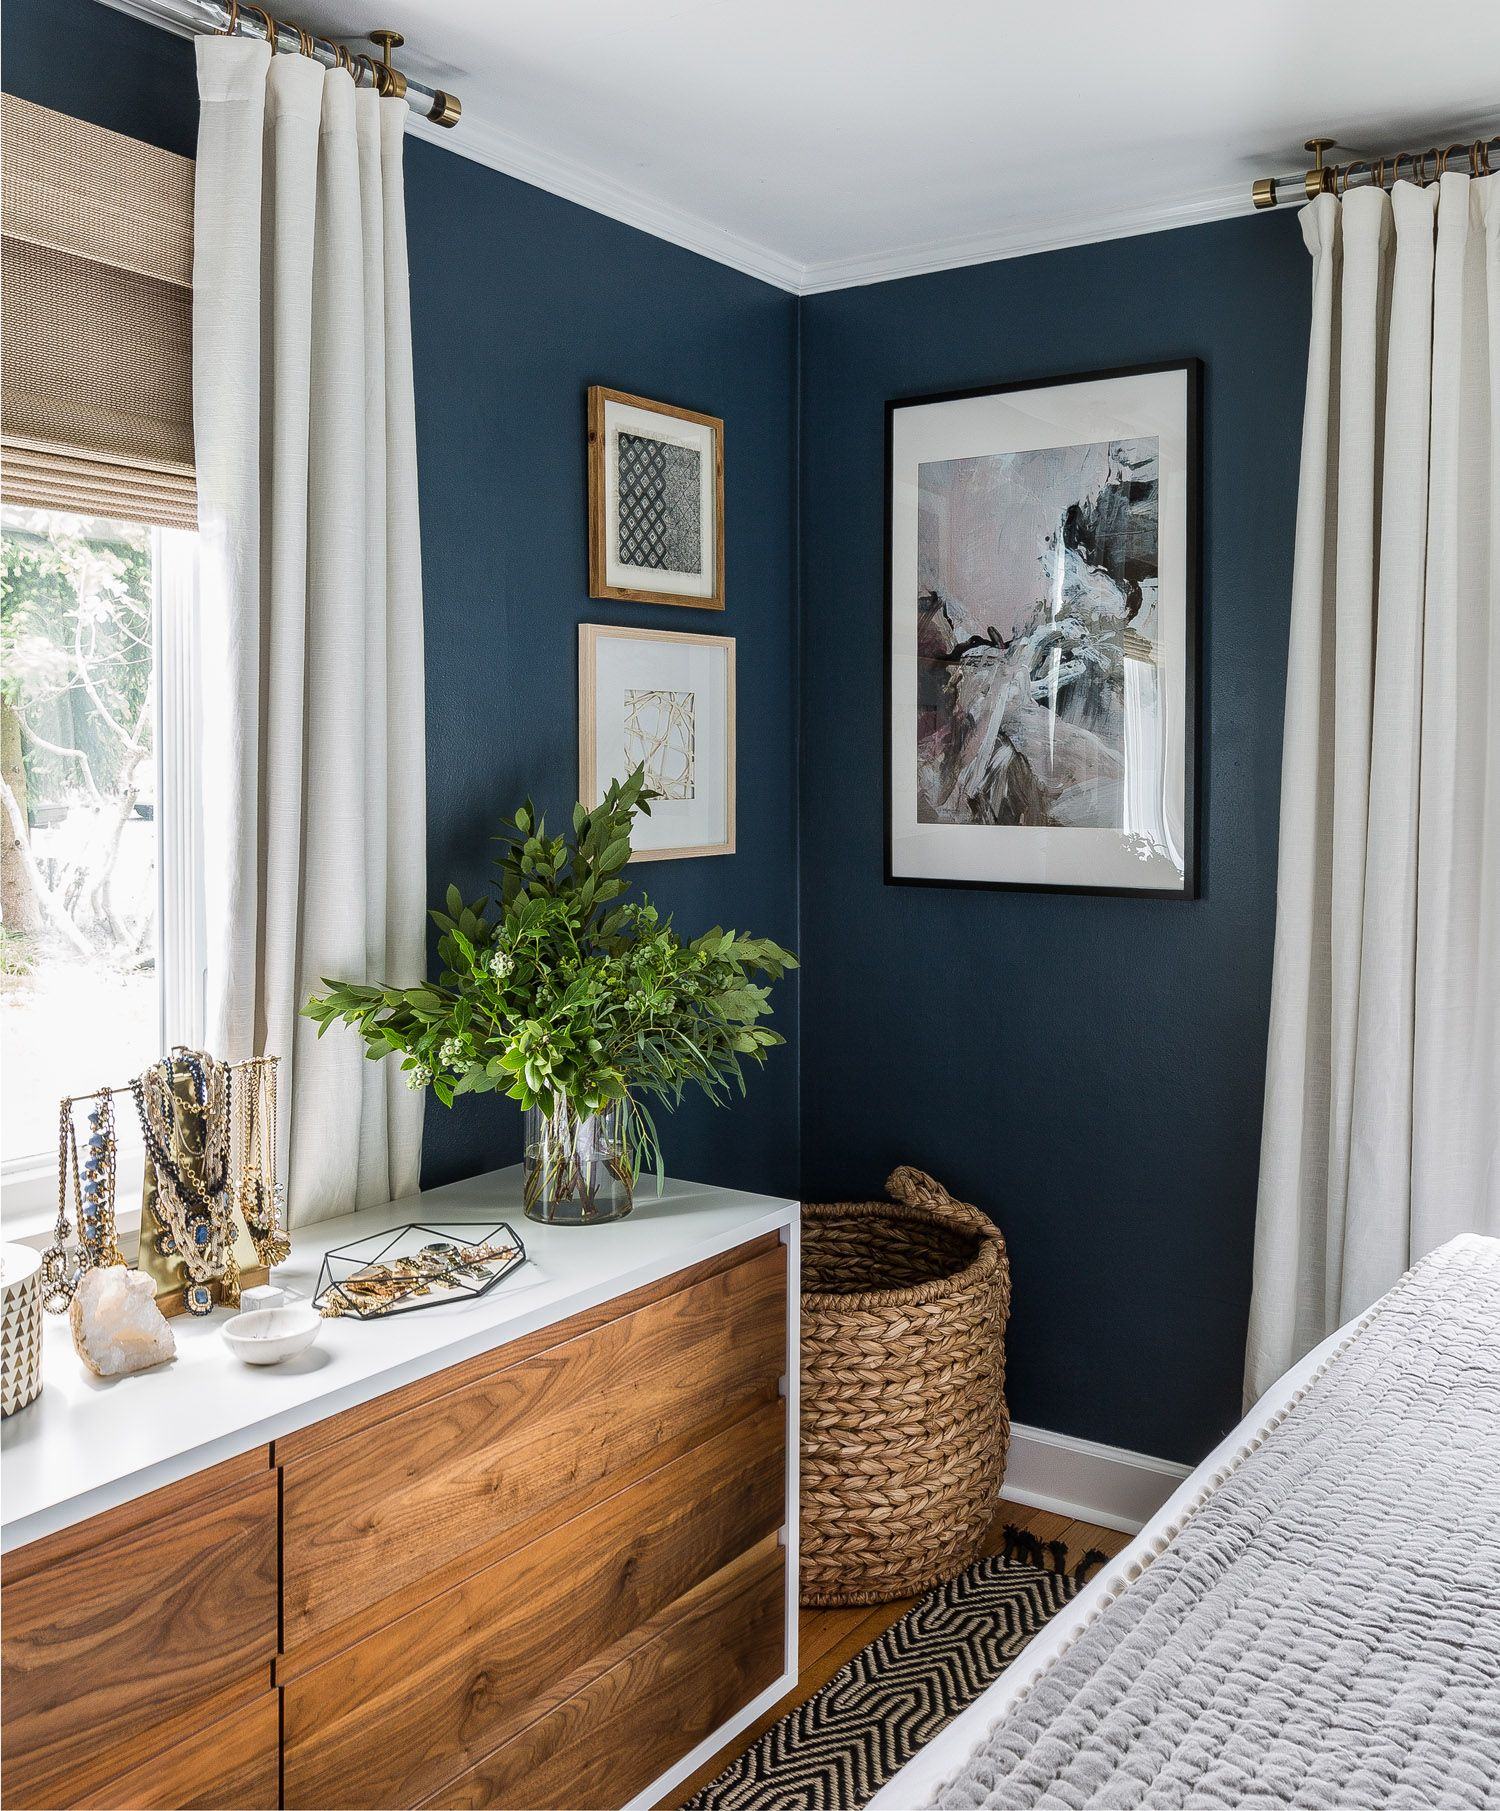 Entzuckend Blaue Wand Im Schlafzimmer   Inspiration